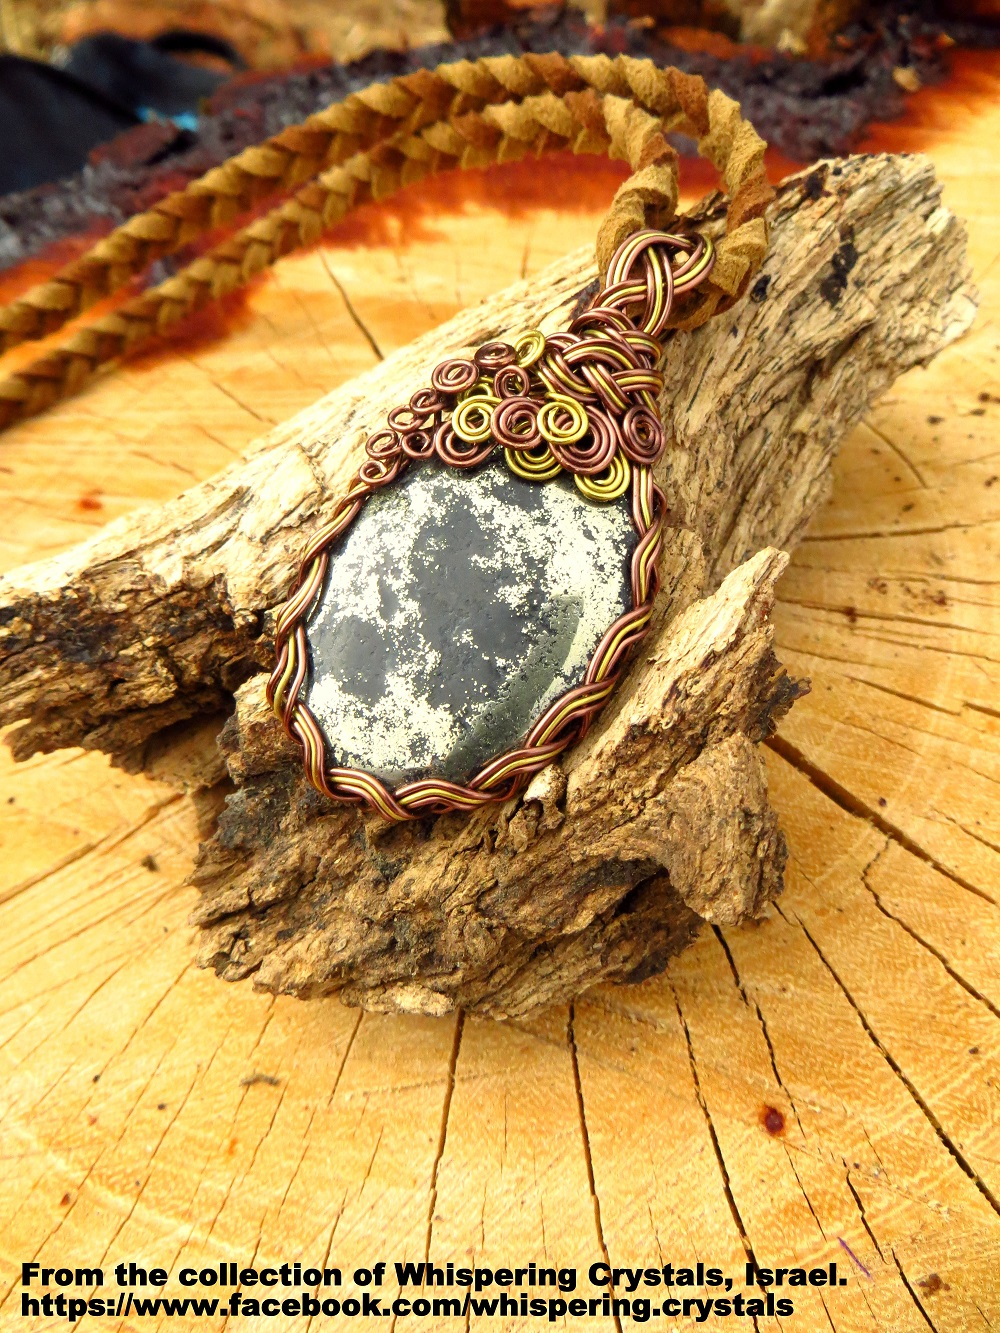 שרשרת של פיריט משובצת בנחושת. מהאוסף של 'וויספרינג קריסטלס' www.facebook.com/whispering.crystals